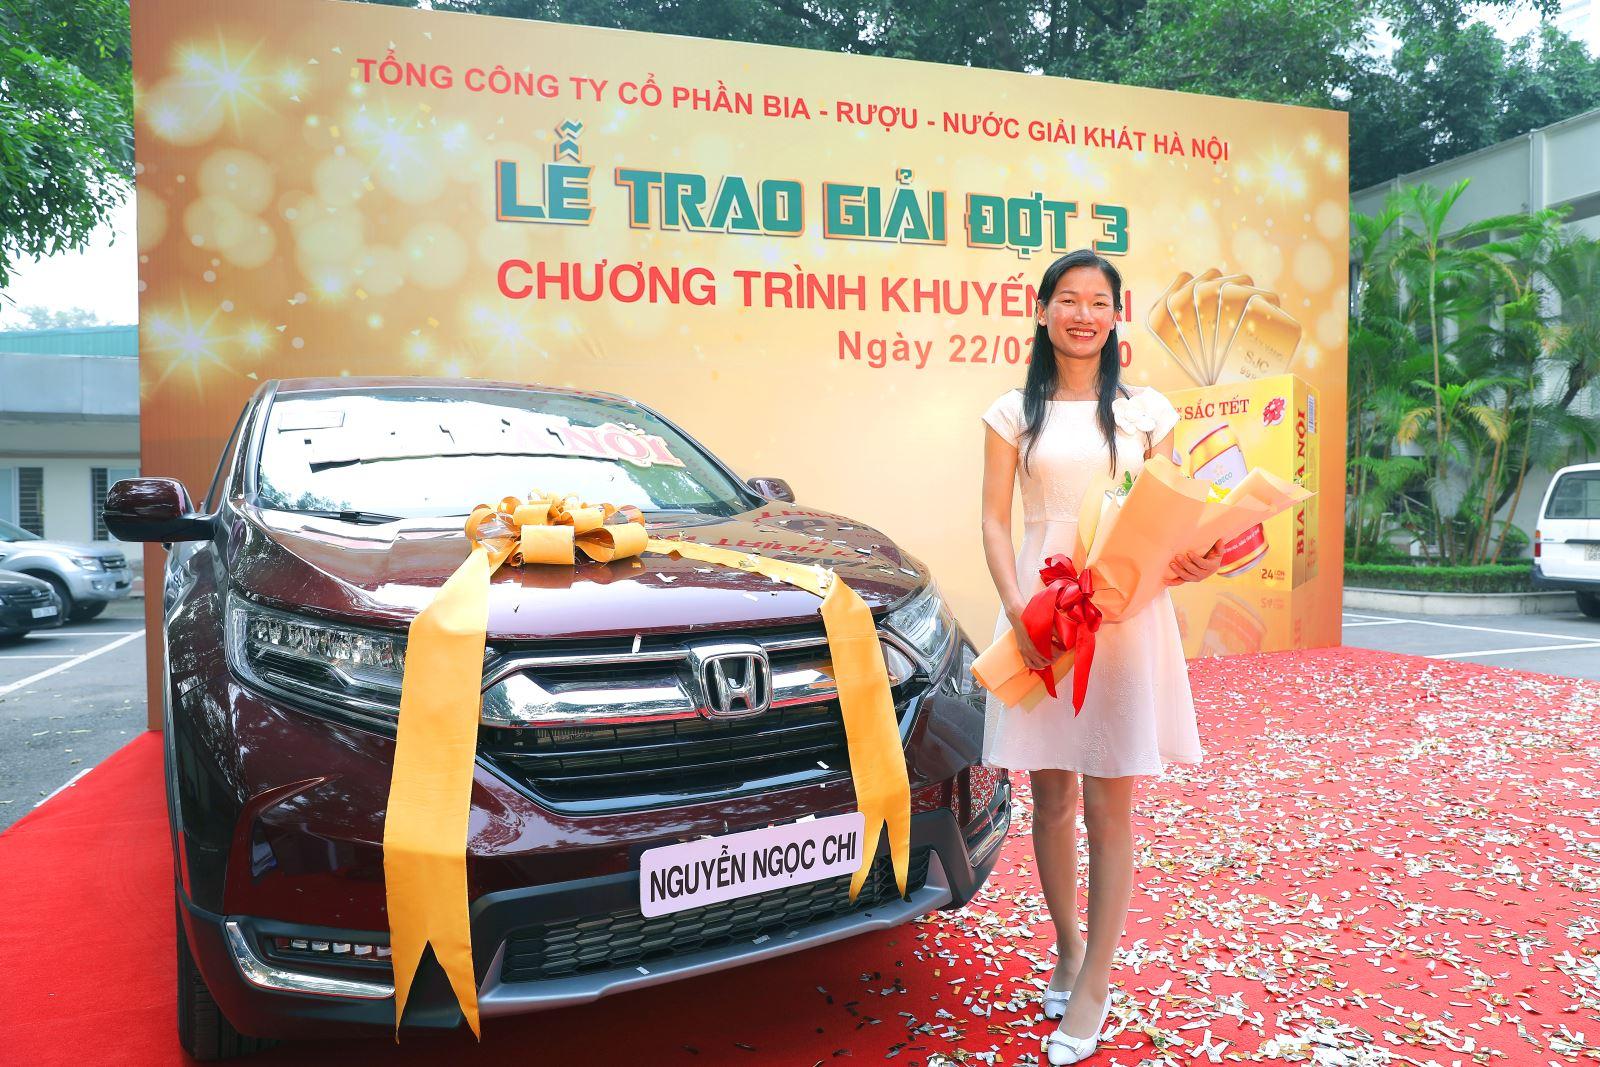 """Bia Hà Nội trao giải cho những khách hàng may mắn cuối cùng trong Chương trình khuyến mại """"Vị Bia làm nên sắc Tết"""""""